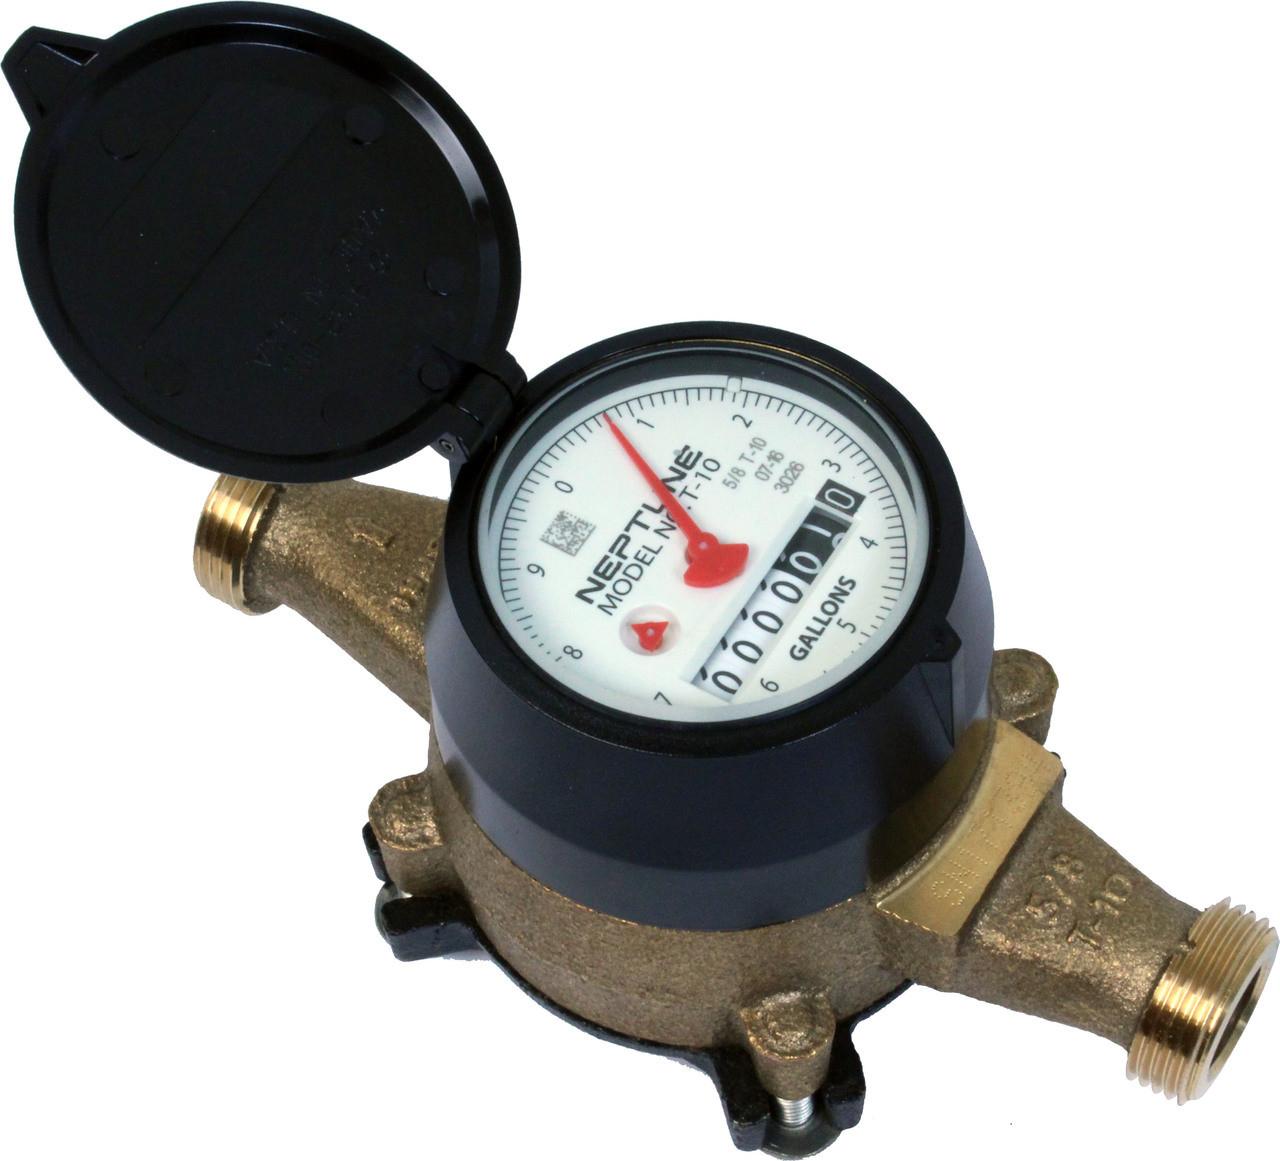 Residential Water Meter : Neptune t direct read lead free water meters by flows